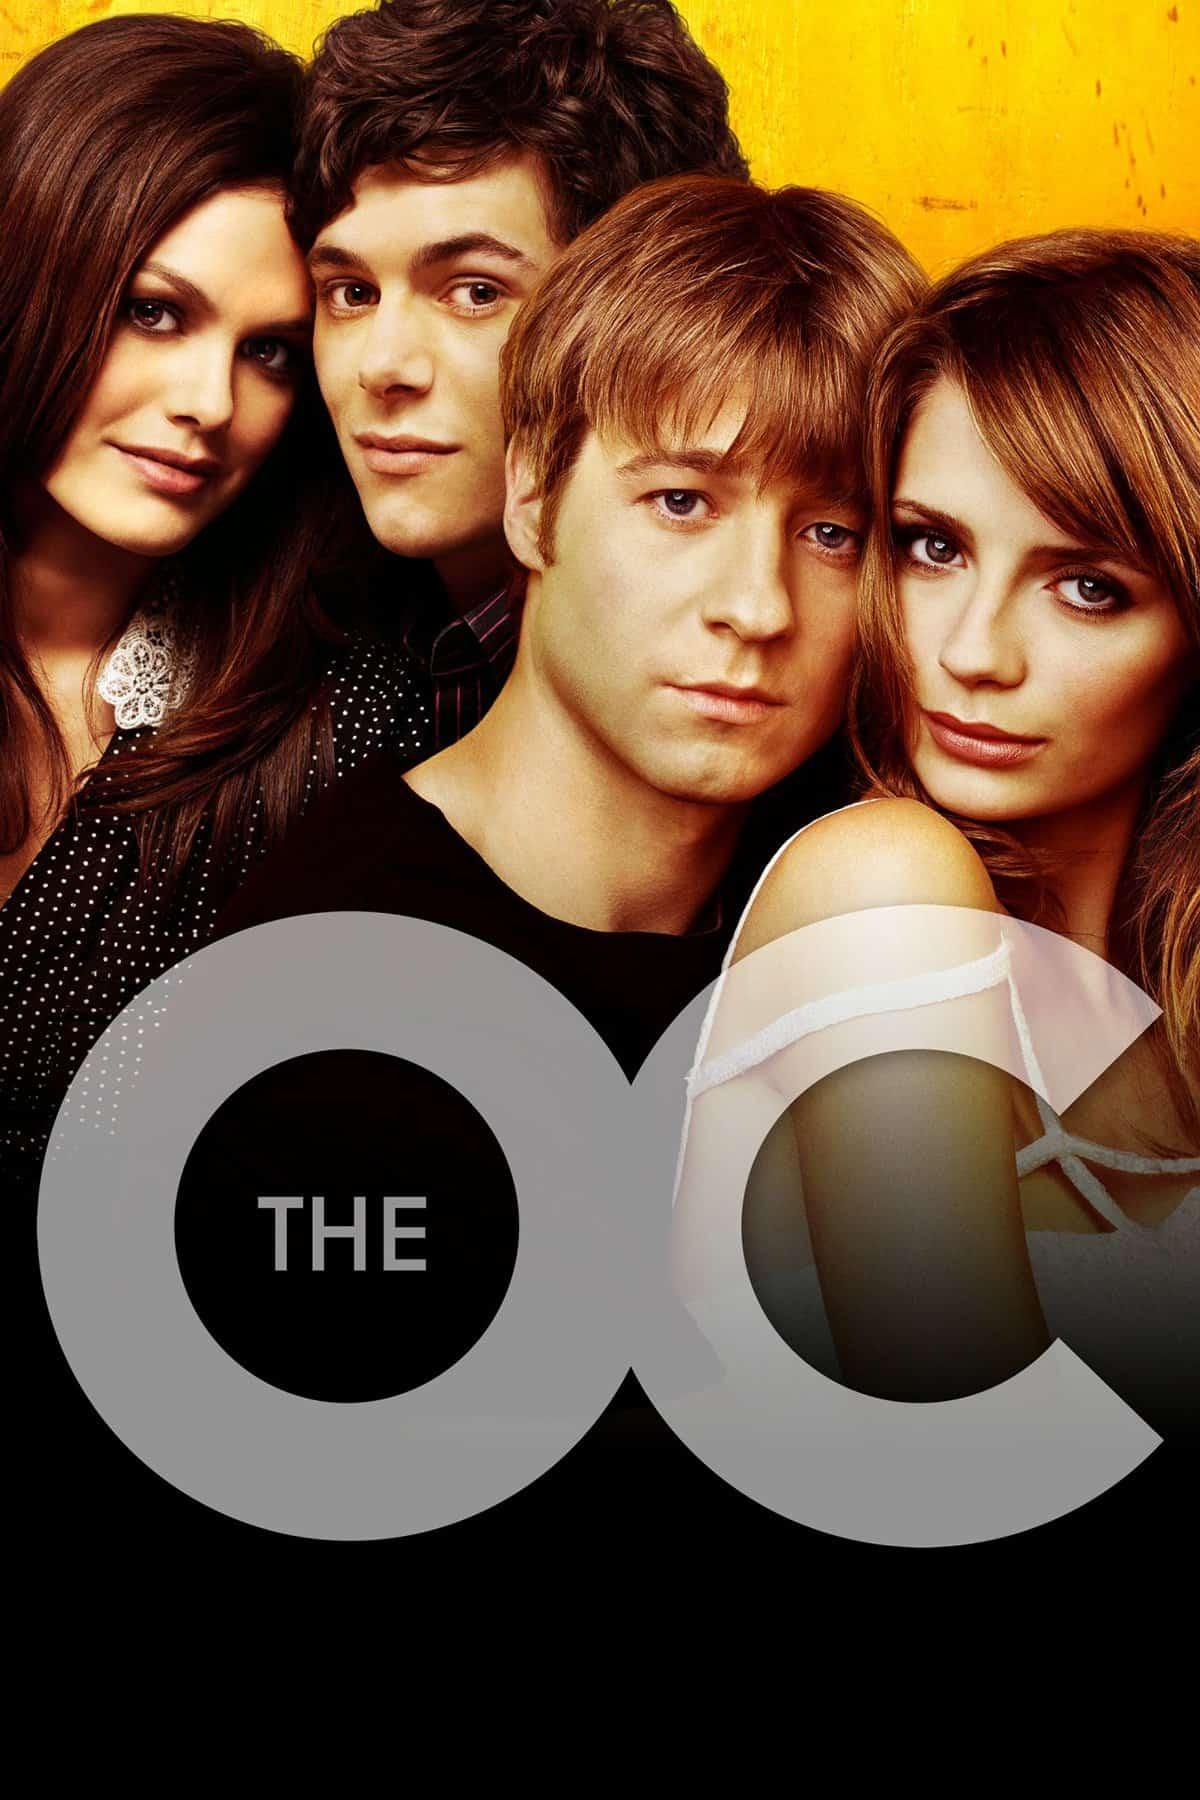 The O.C., 2003